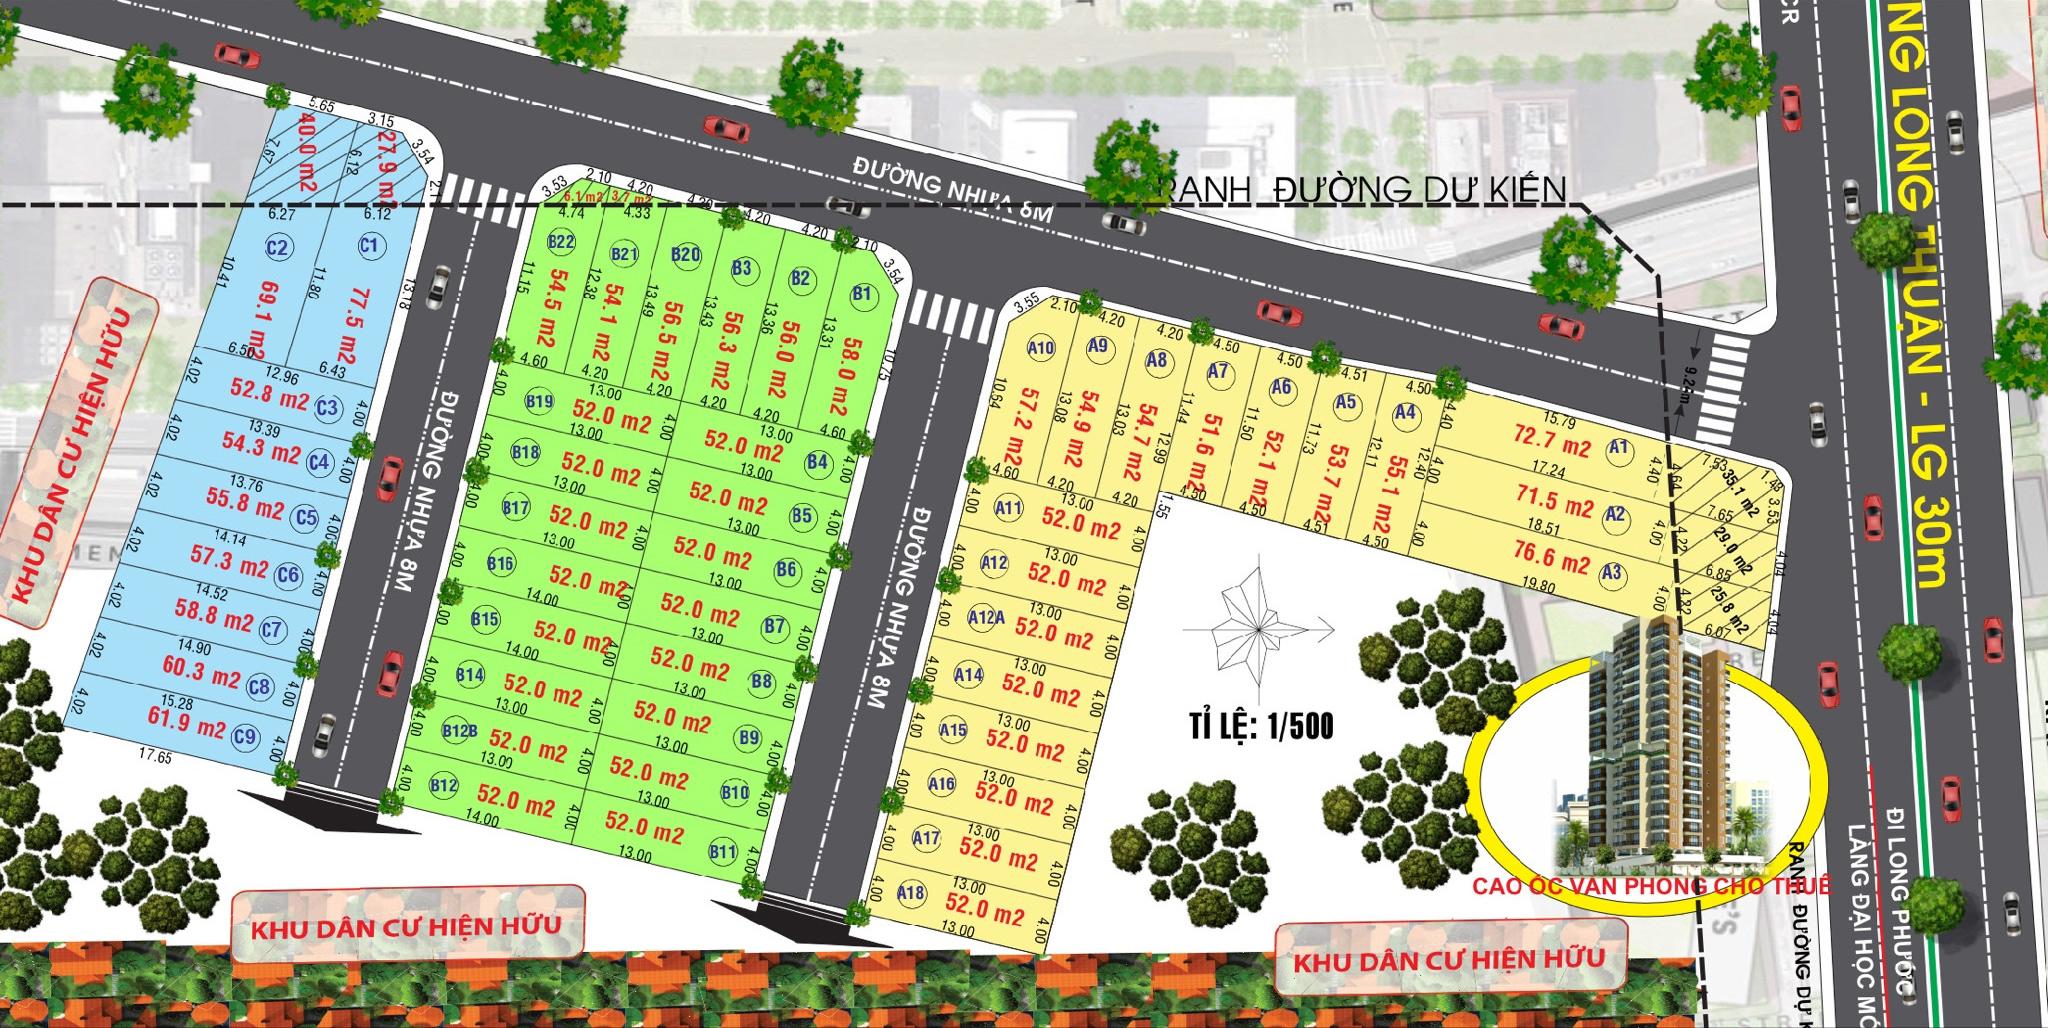 Dự án Khu dân cư cao cấp Long Thuận City – Quận 9